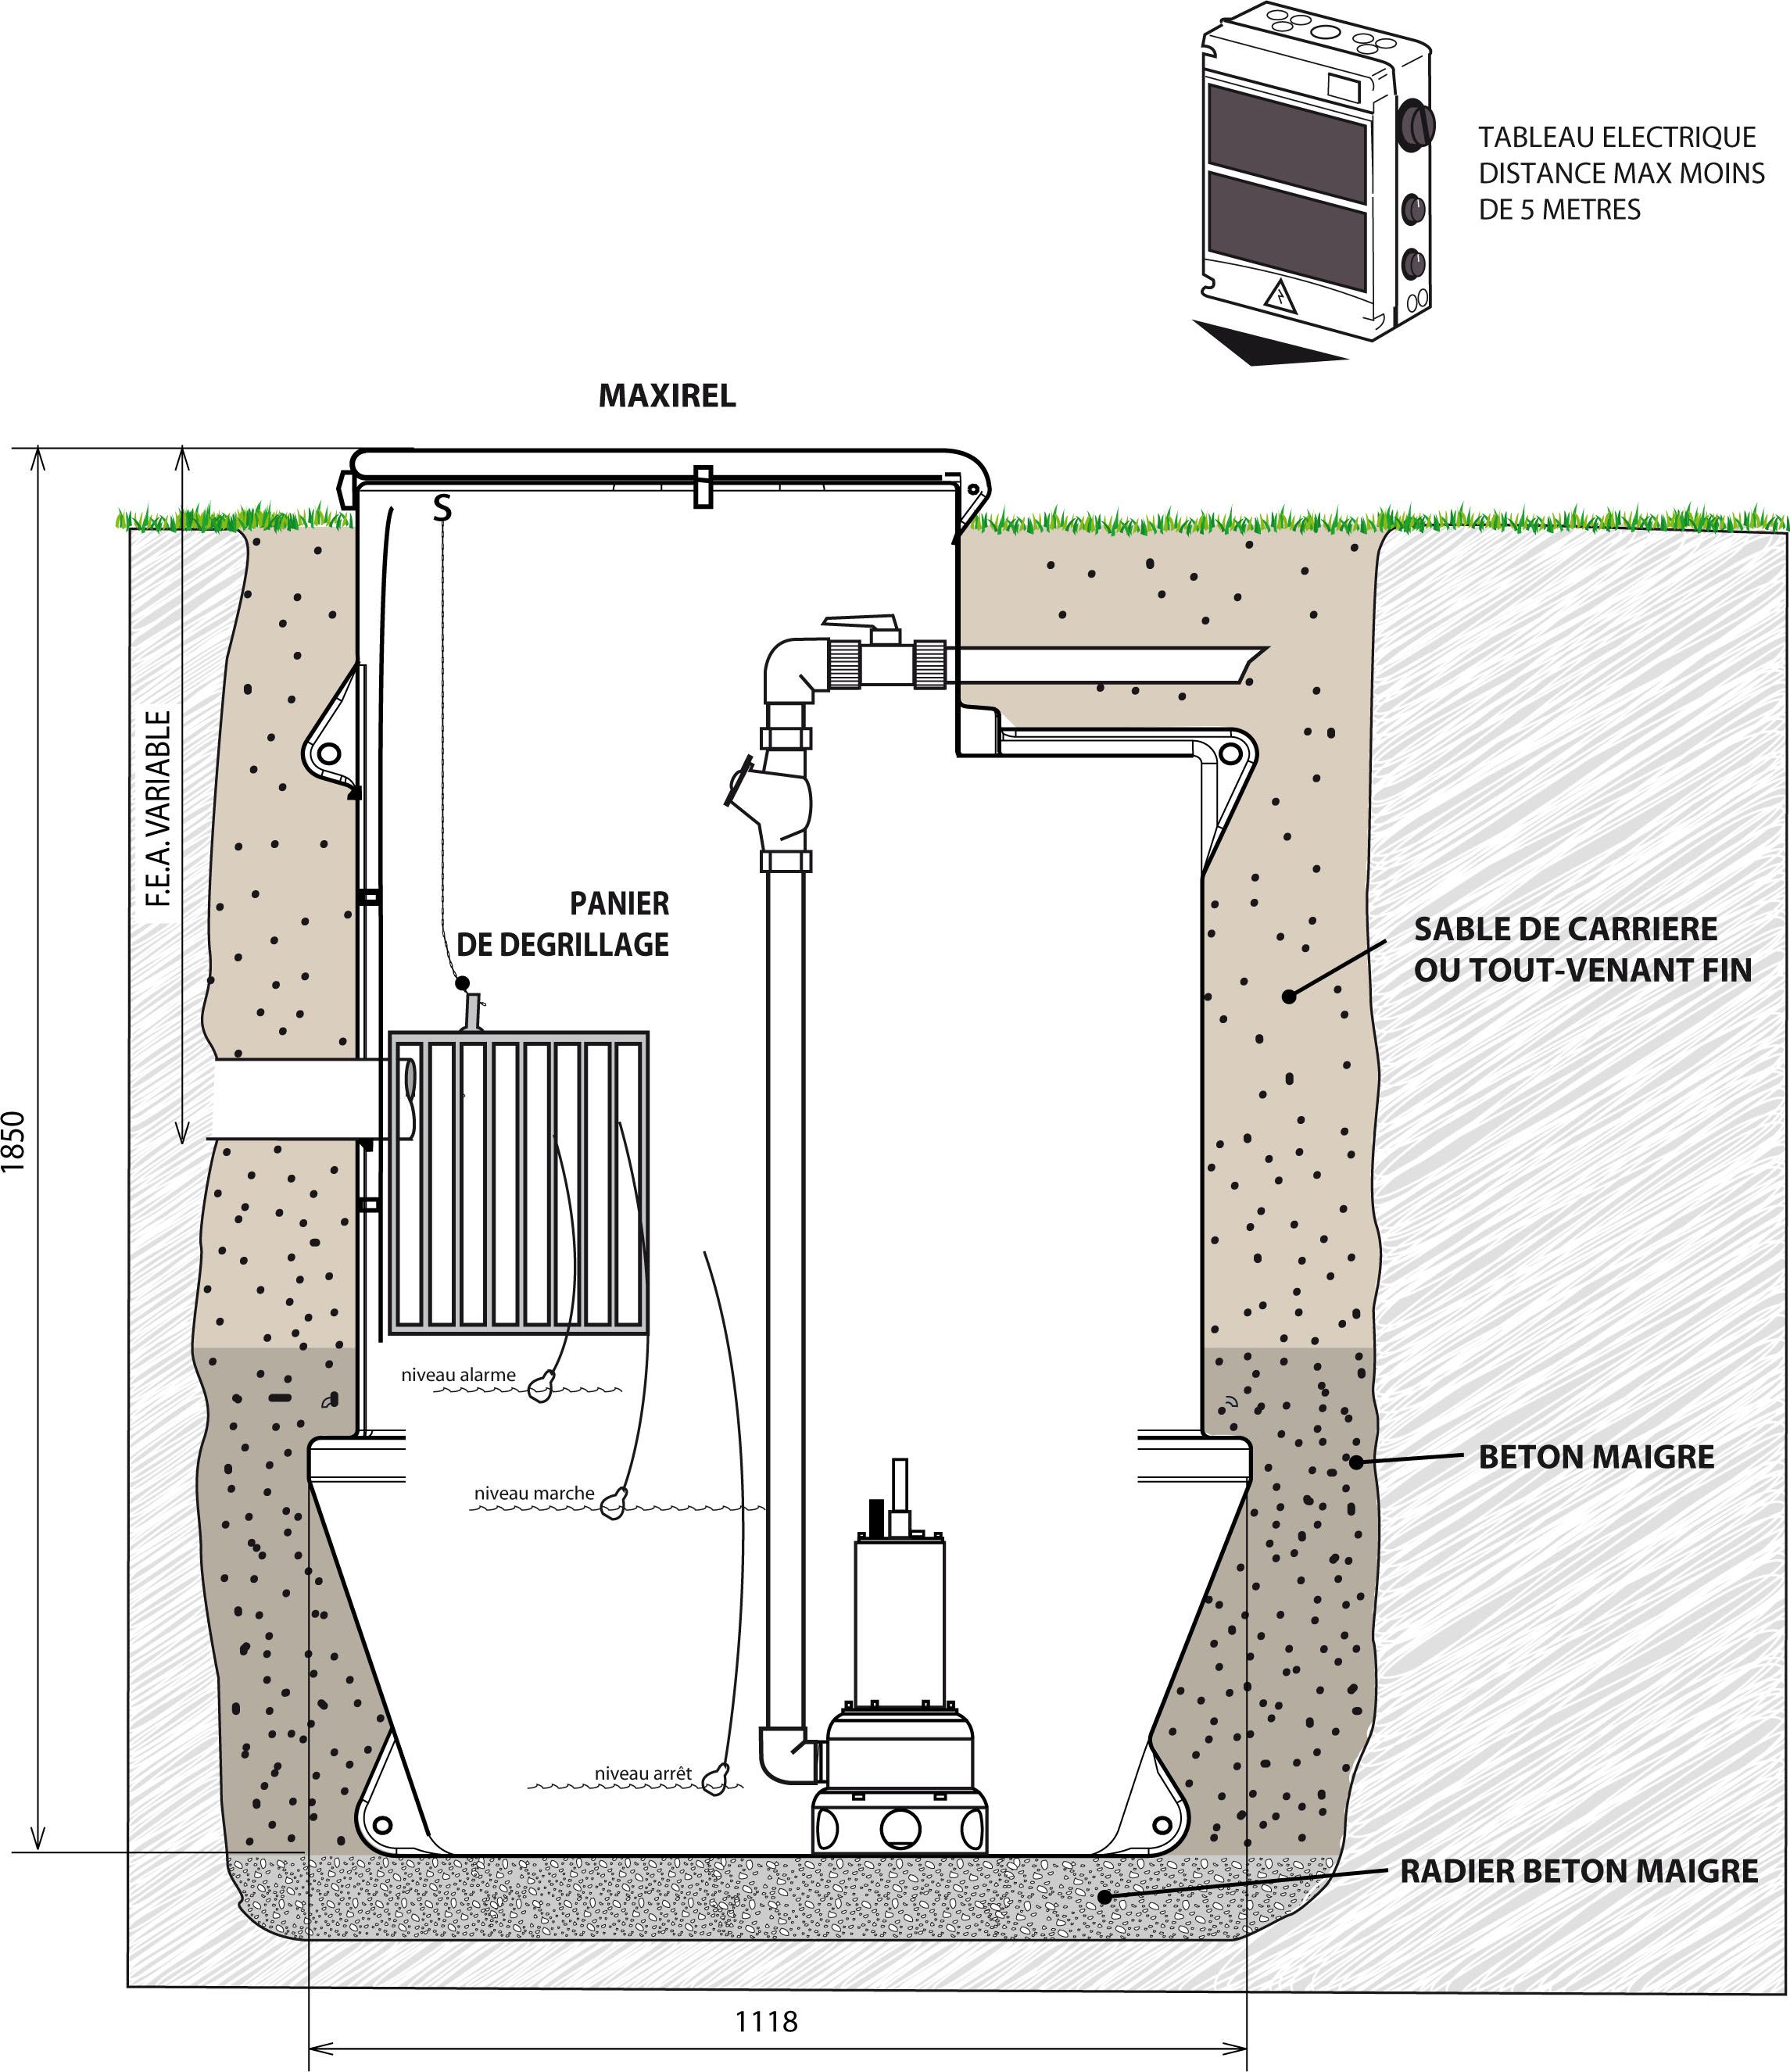 schema installation poste relevage maxirel